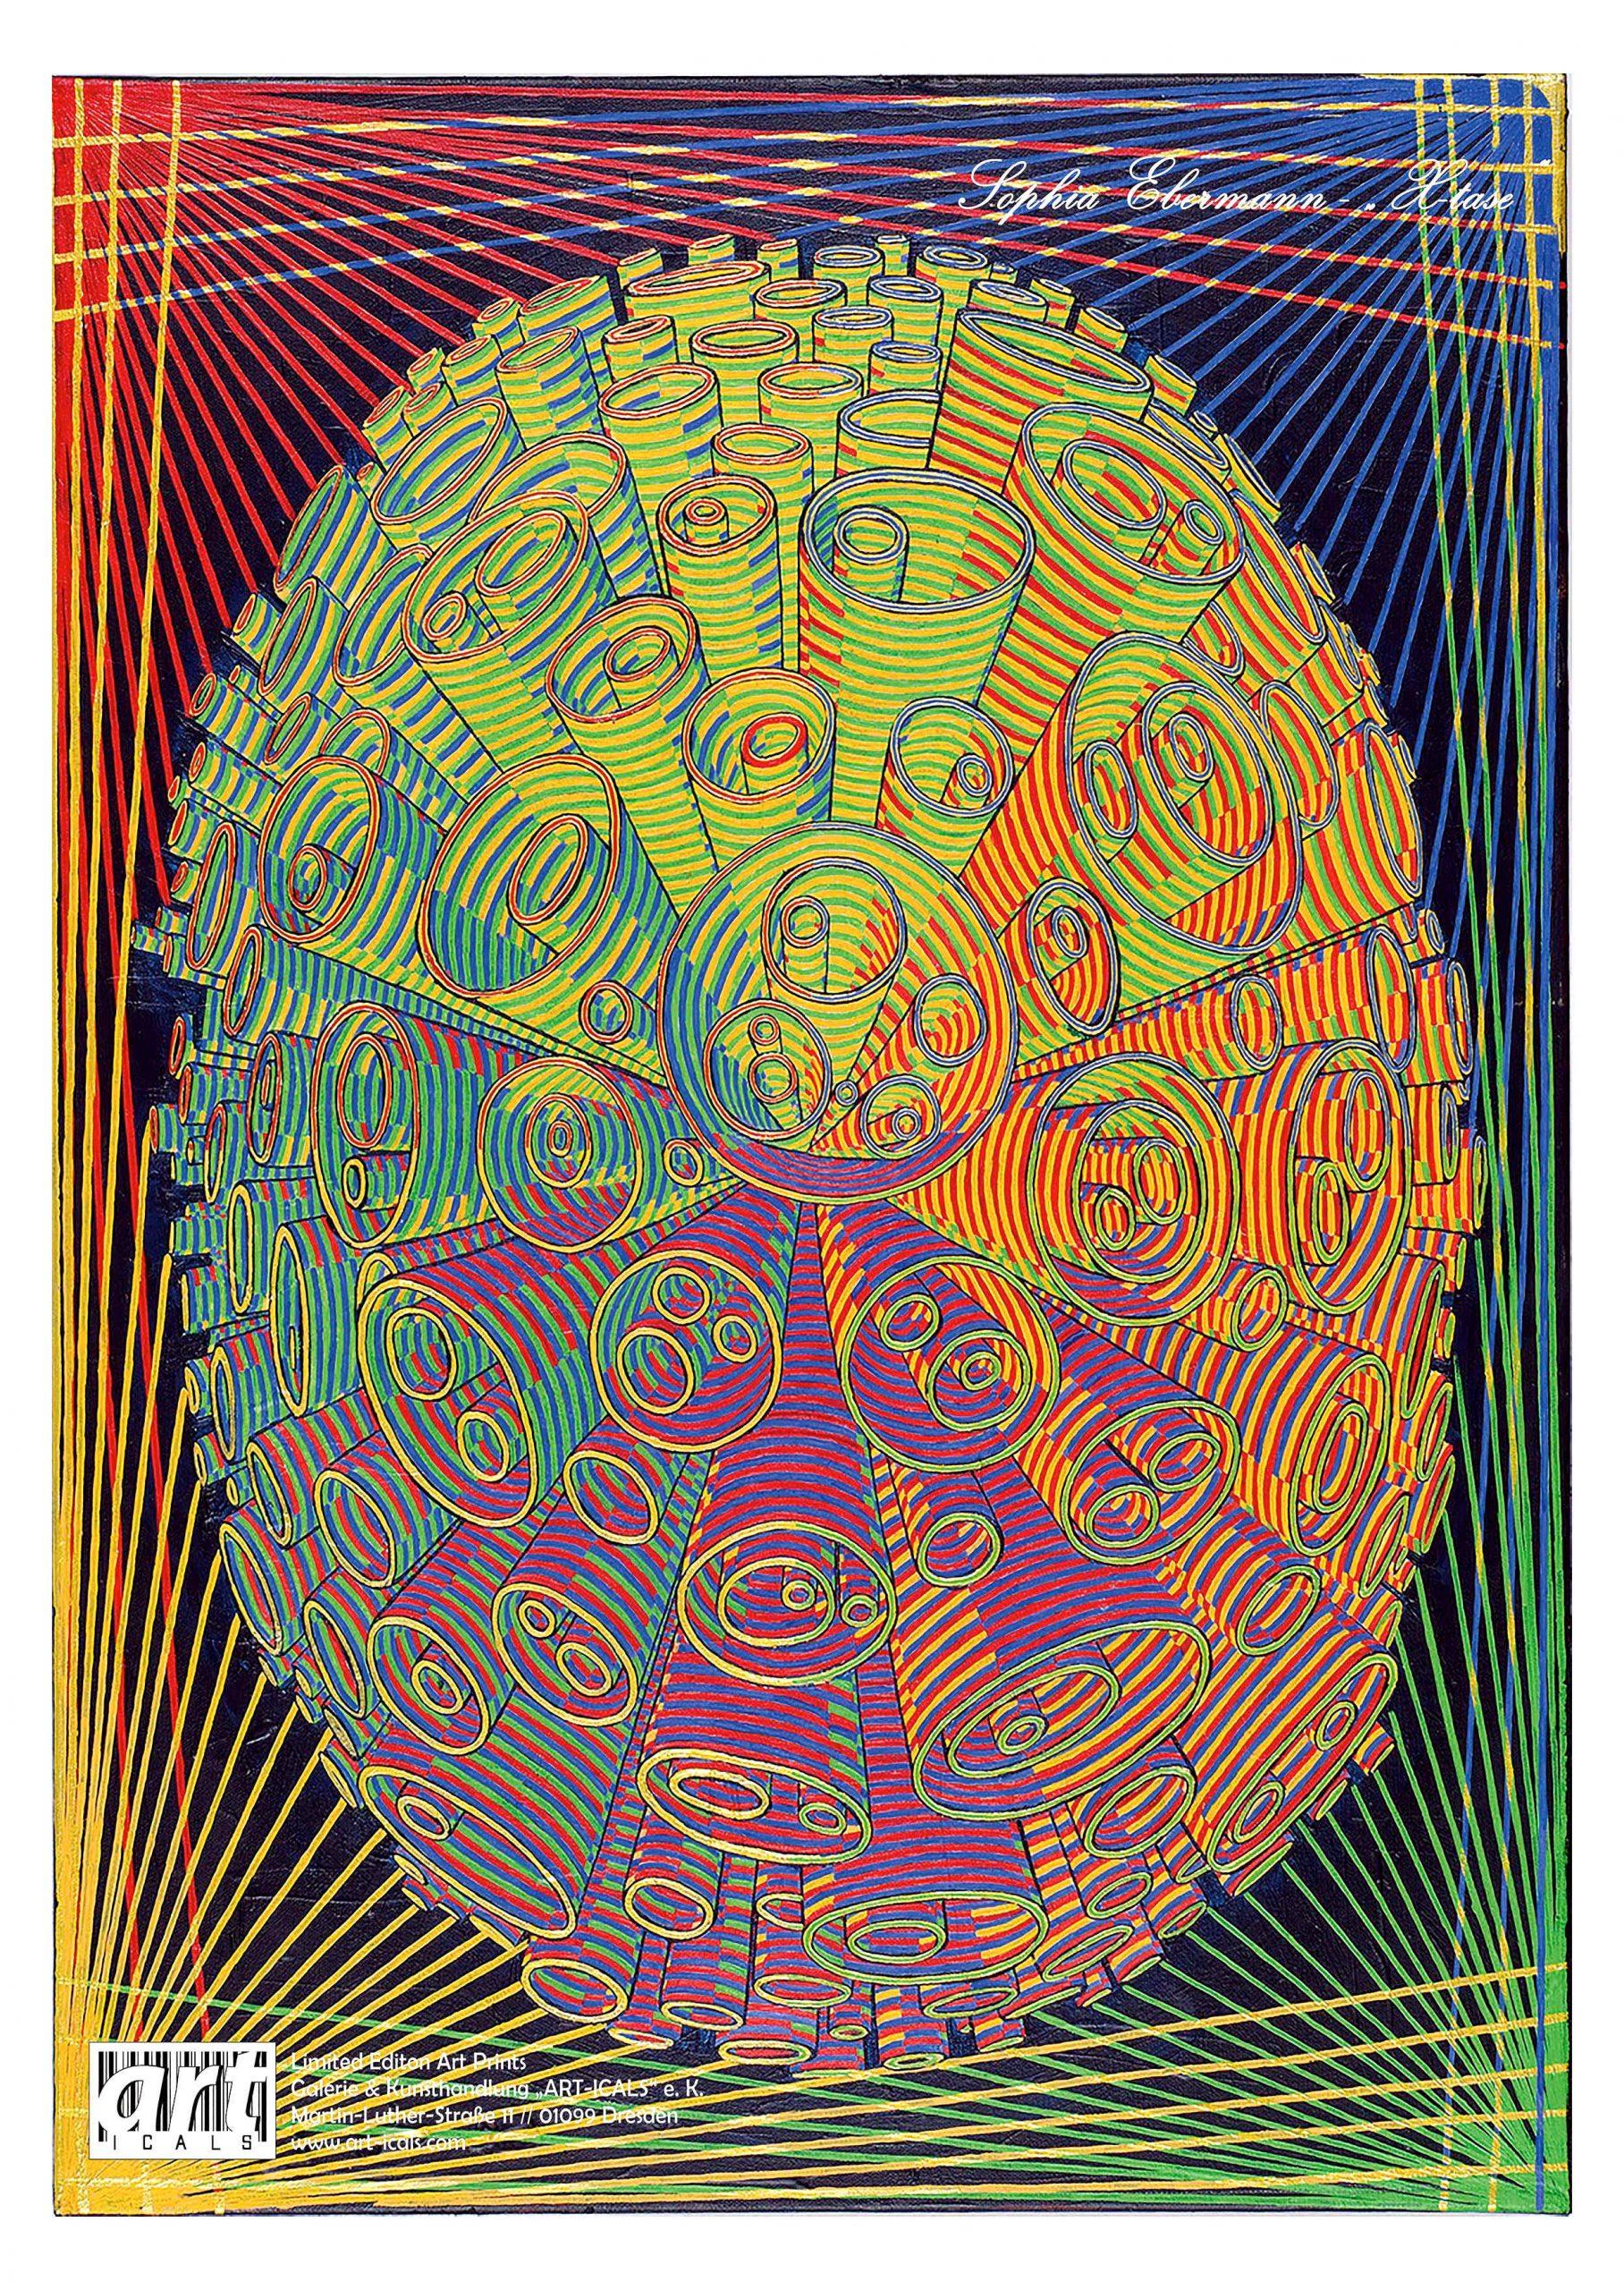 X-tase [Kunstdruck - Poster]